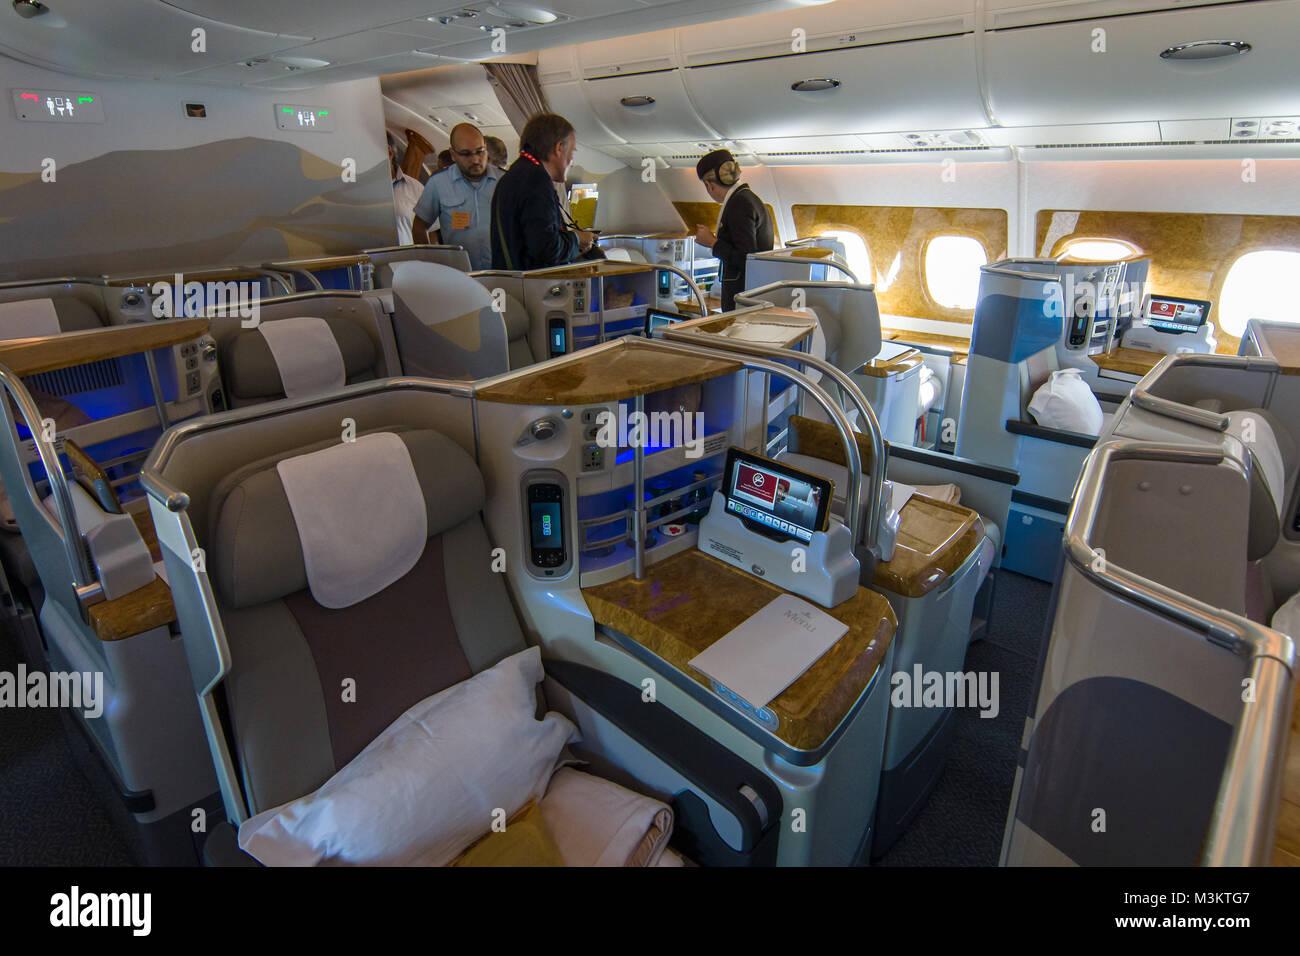 A380 interior stockfotos a380 interior bilder seite 2 for Airbus a380 photos interieur